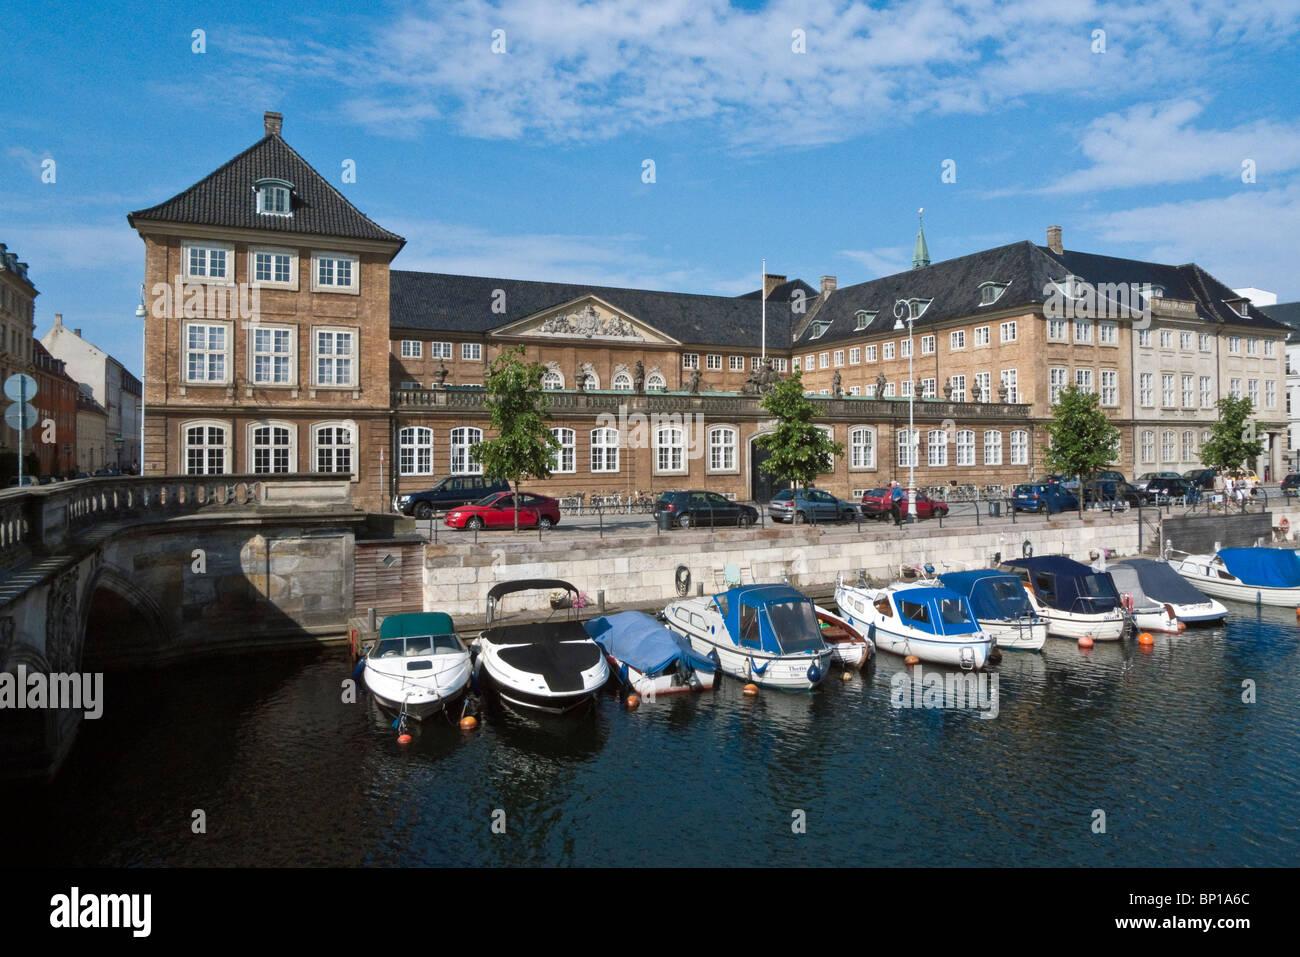 Die dänische Nationalmuseet (Nationalmuseum) in Kopenhagen am Frederiksholm-Kanal Stockfoto